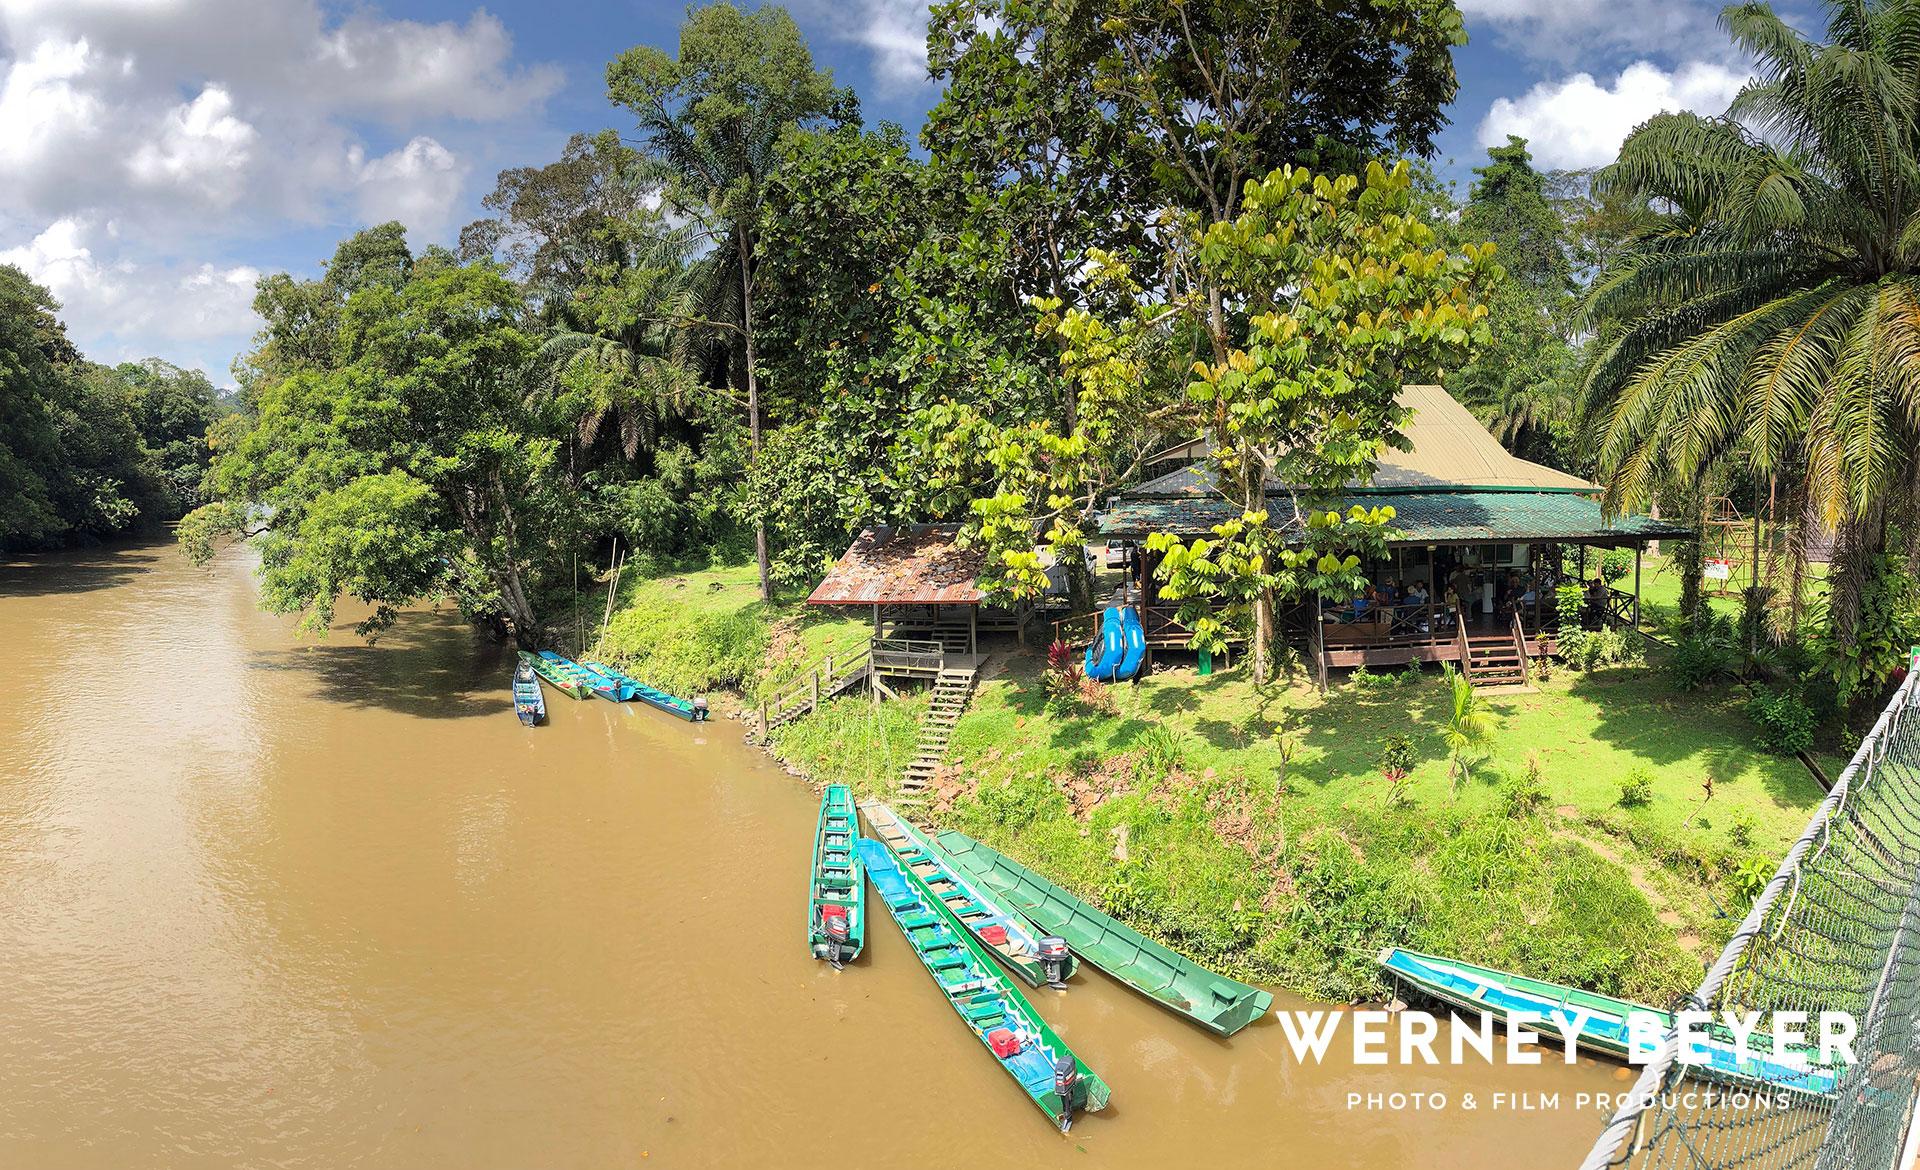 Jungle Boatride, Muara River, Brunei